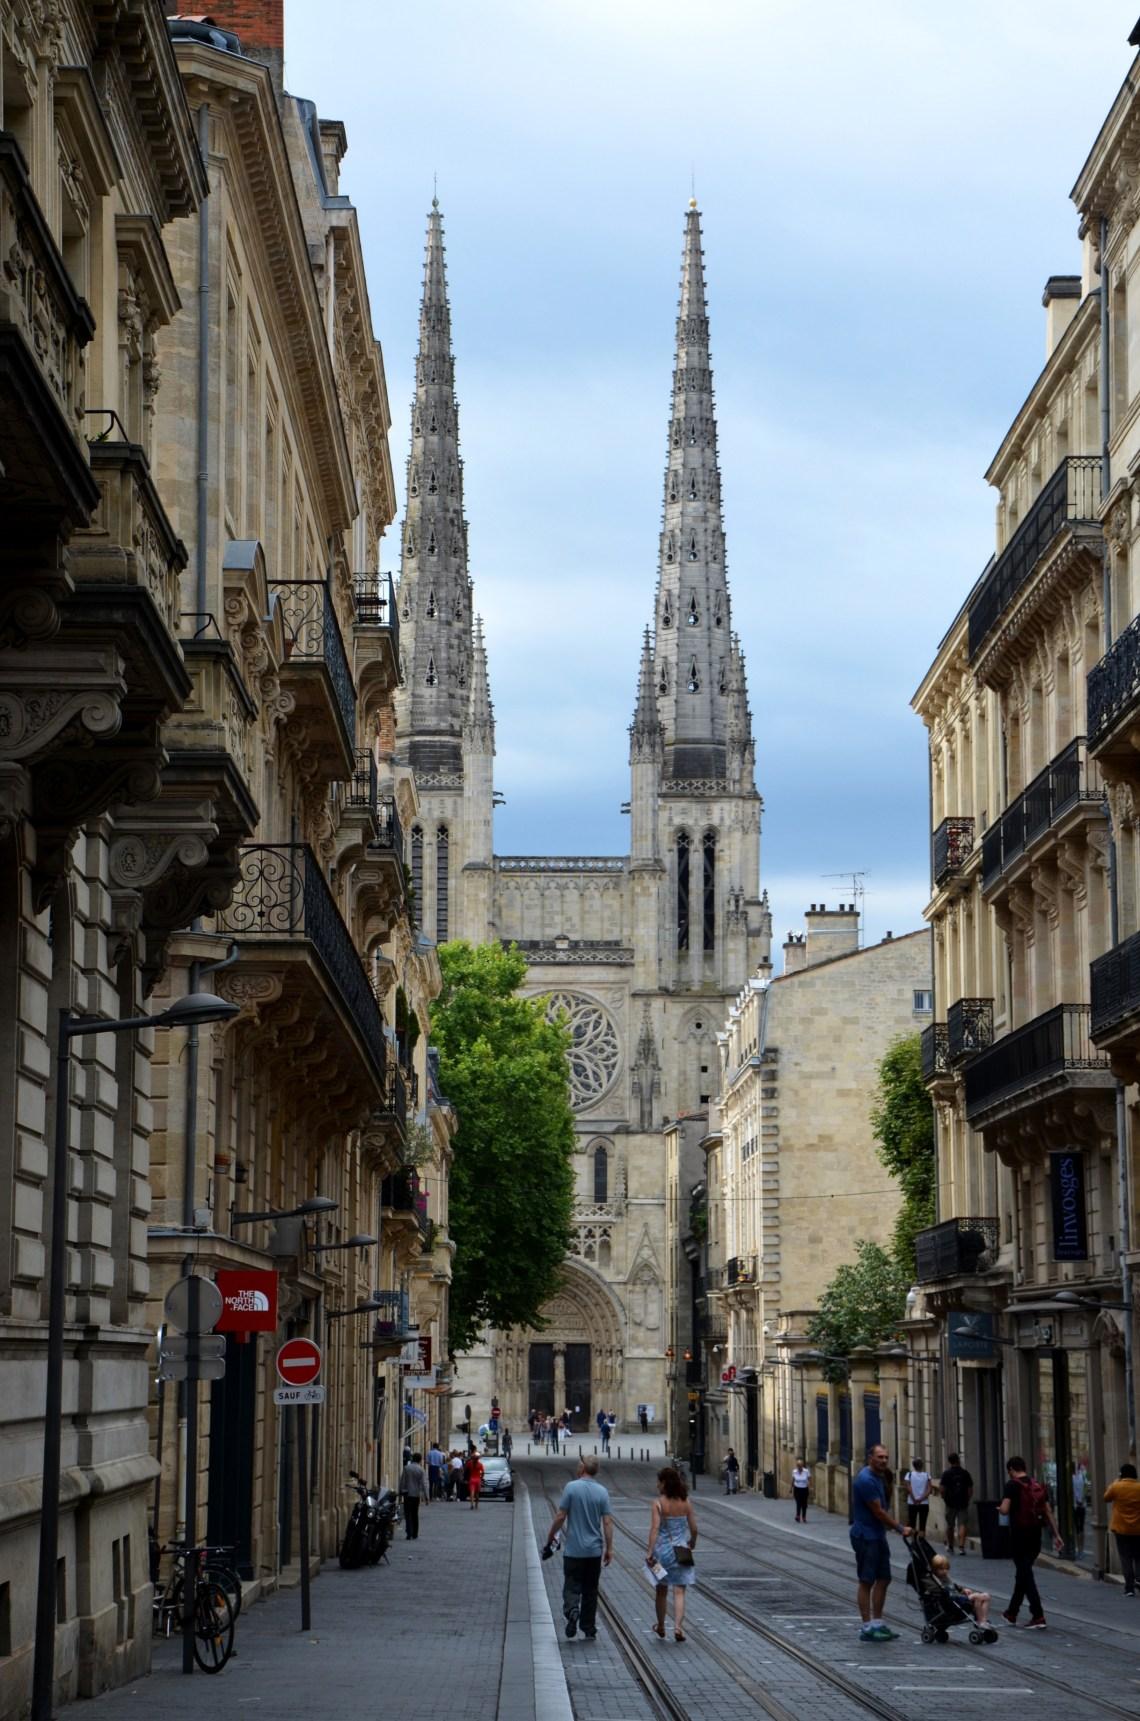 catedral de bordeaux - bordéus - bordeaux - frança - pontos turísticos